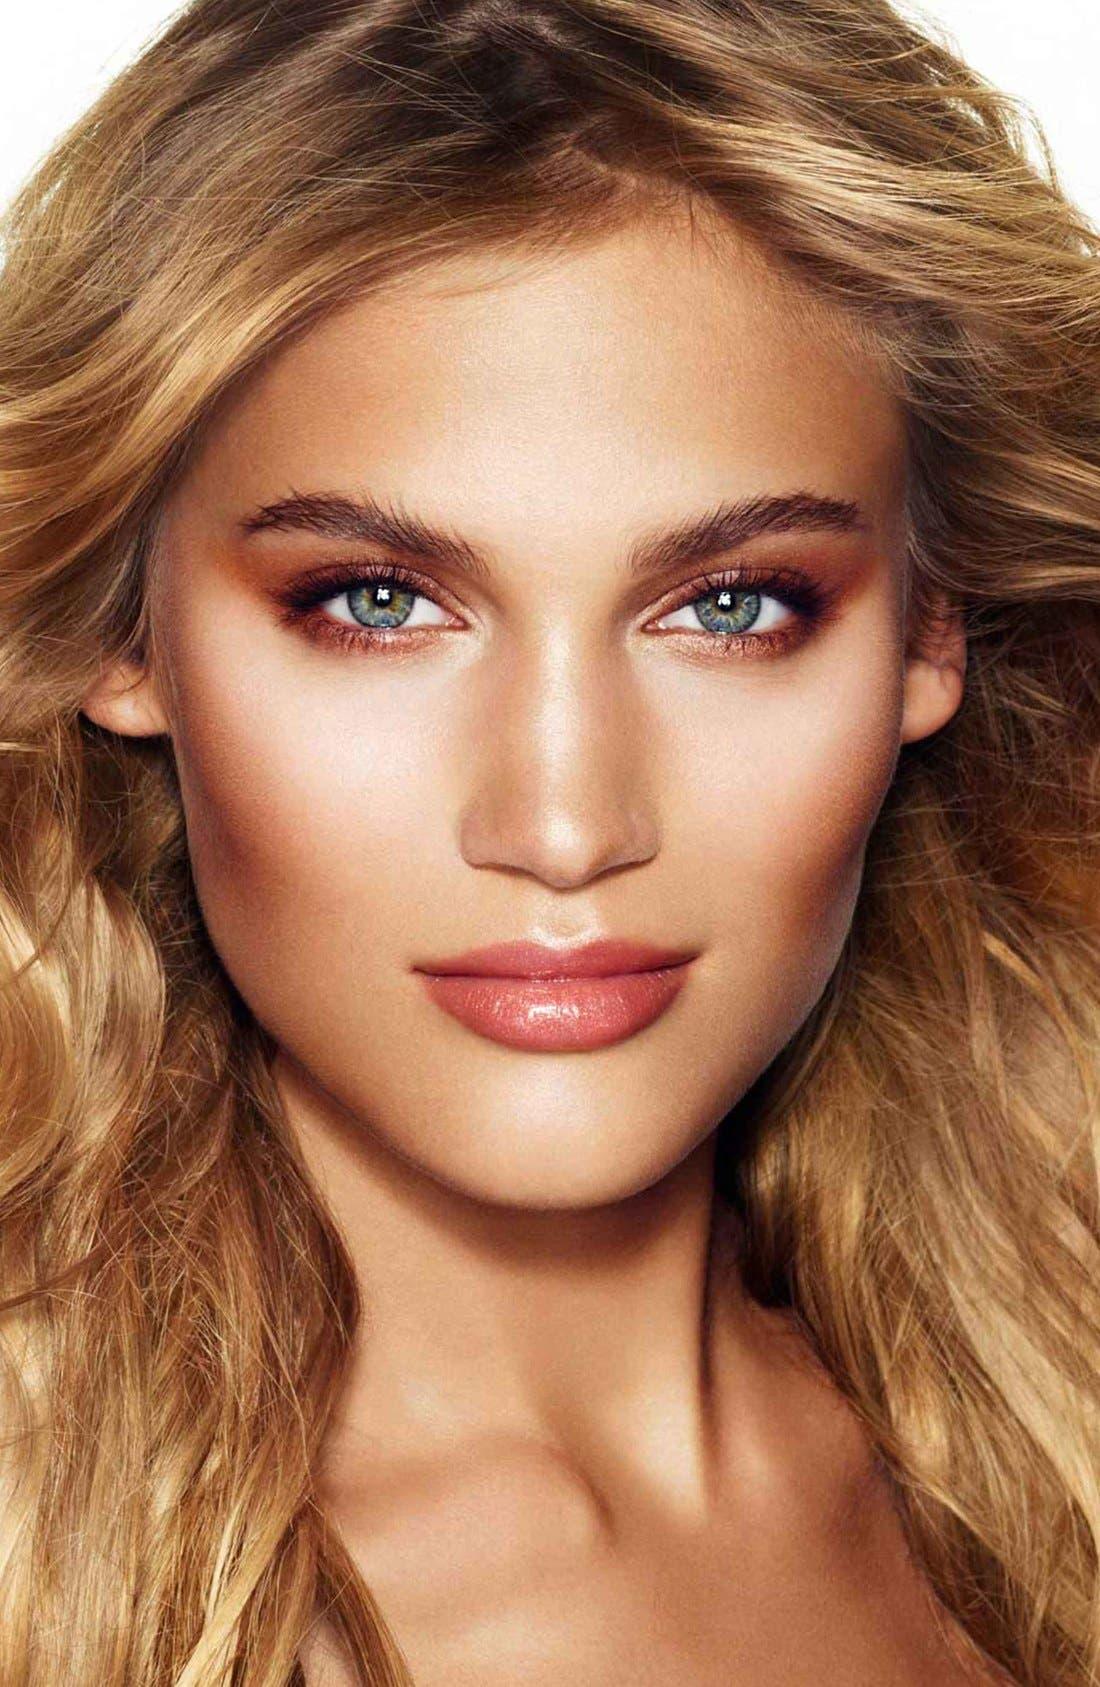 Luxury Palette - The Golden Goddess Color-Coded Eyeshadow Palette,                             Alternate thumbnail 5, color,                             THE GOLDEN GODDESS